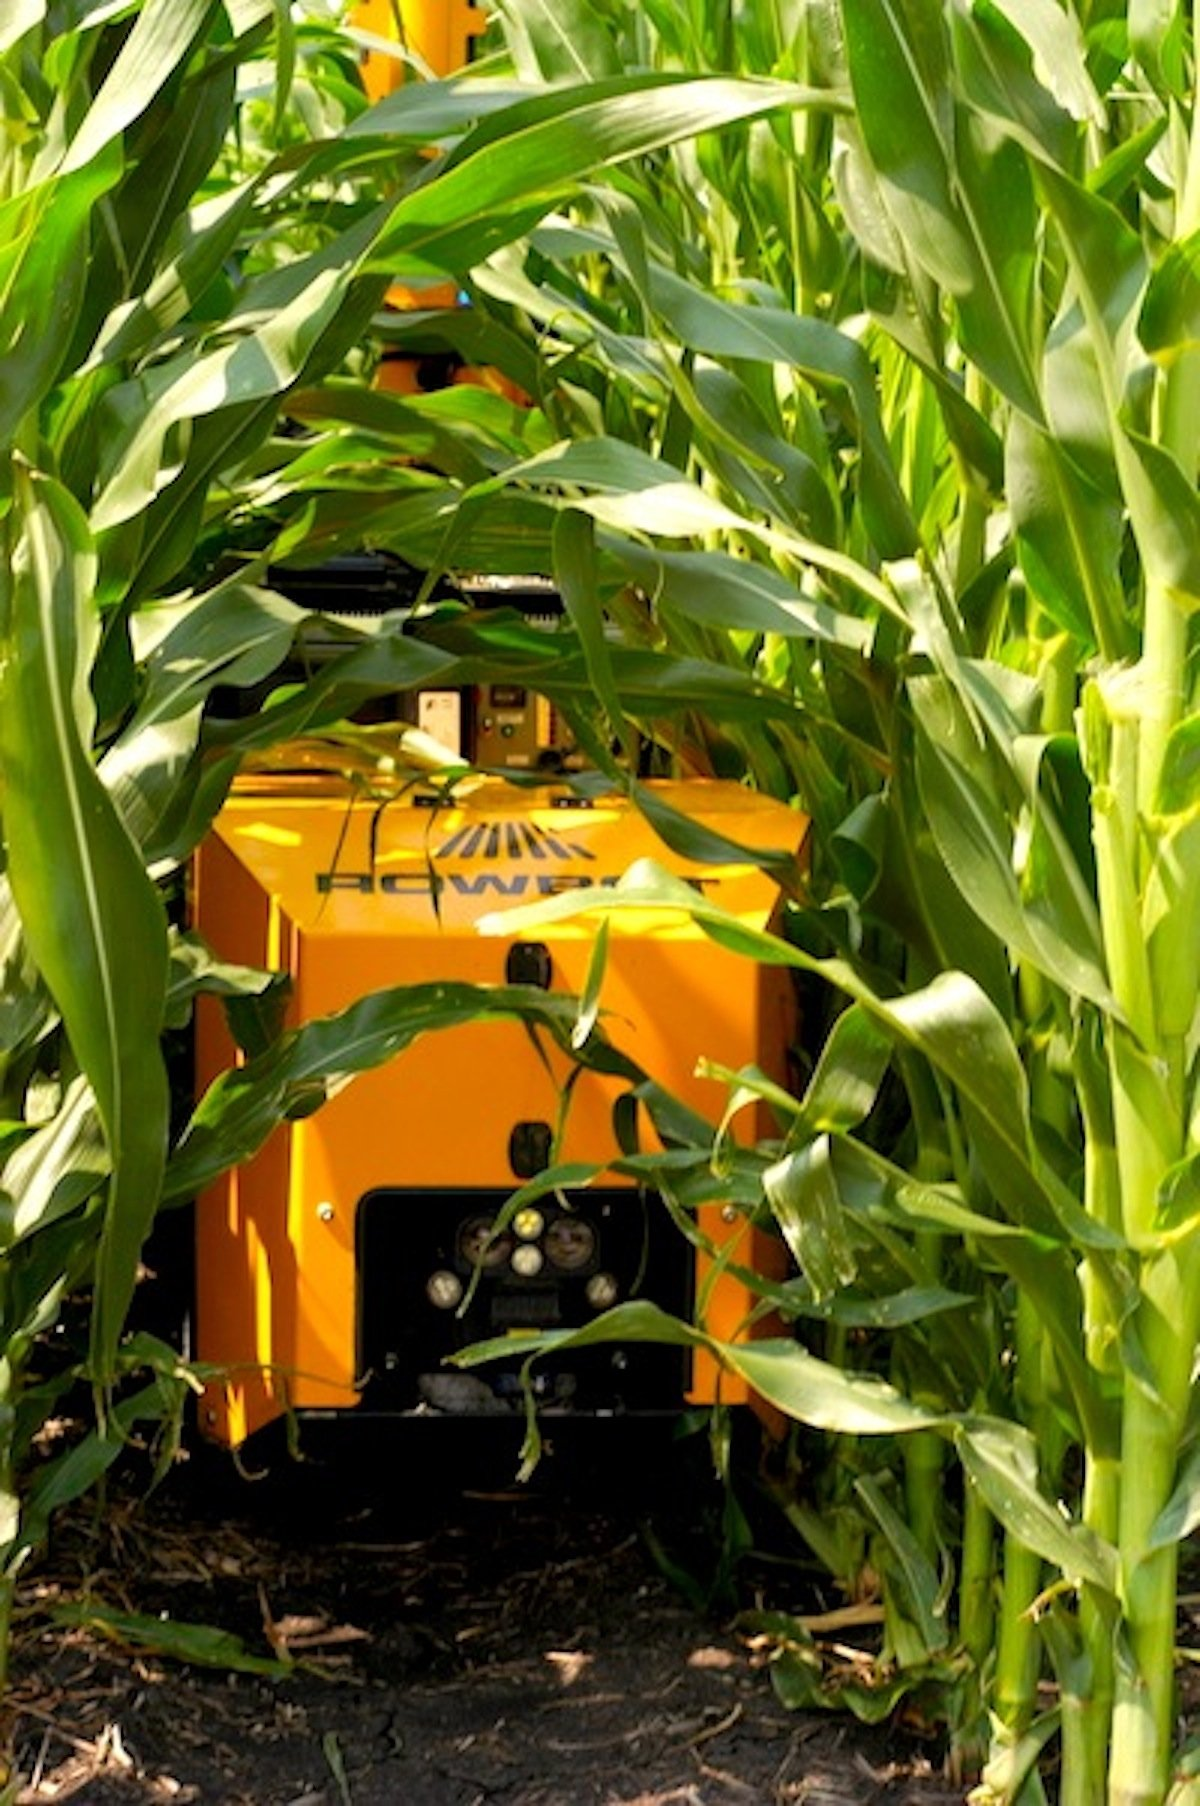 Der Rowbot fährt in den USA mit GPS und Laserscanner autonom durch Maisfelder und übernimmt das Düngen.